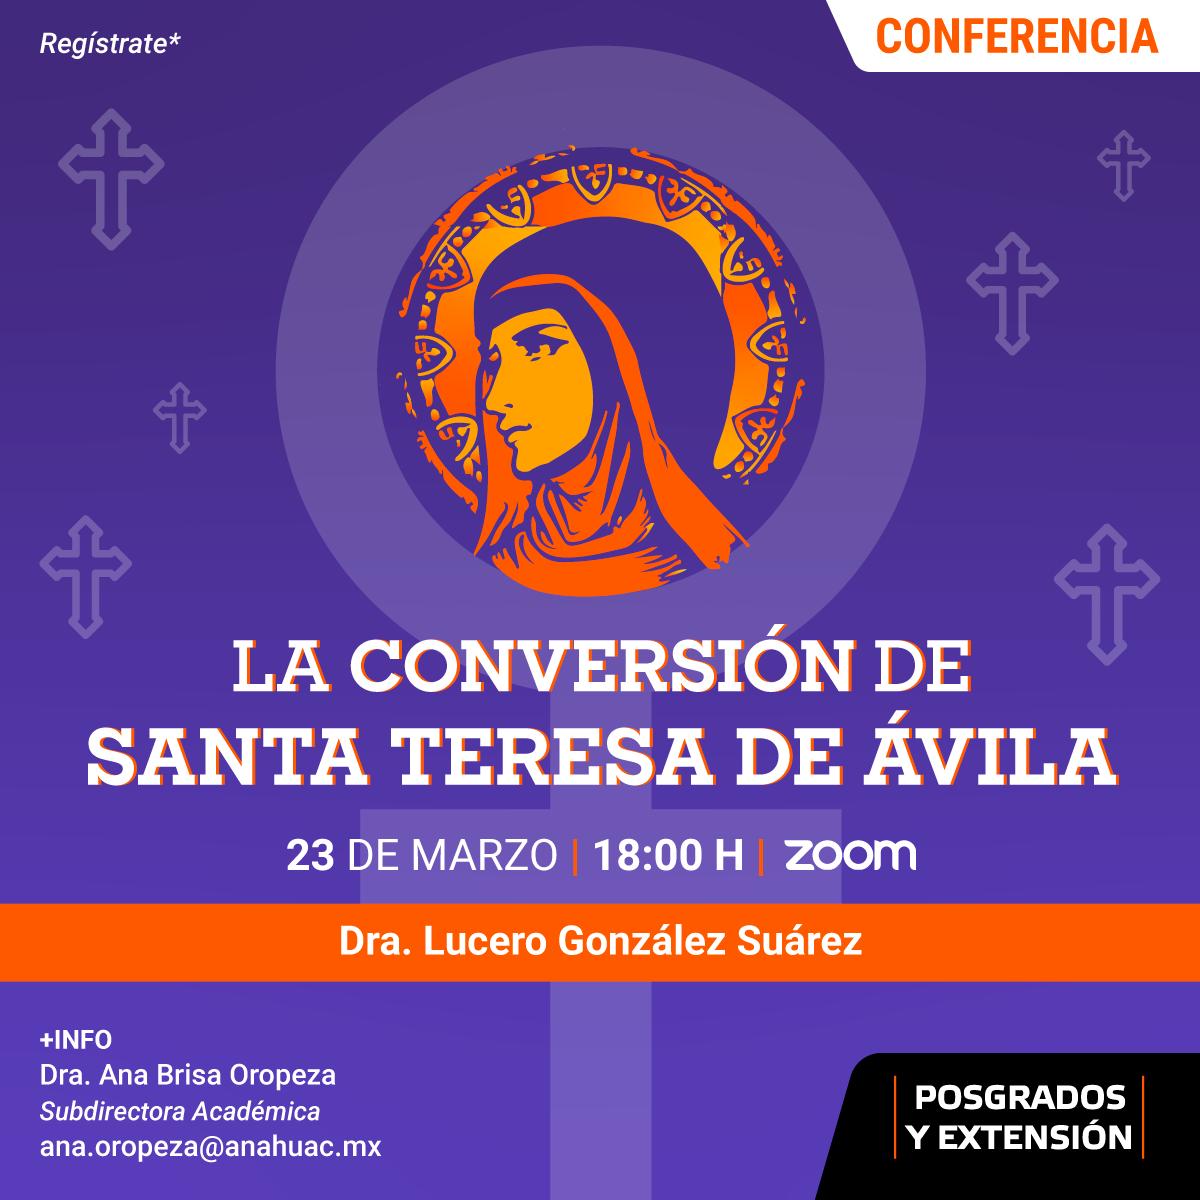 La Conversión de Santa Teresa de Ávila